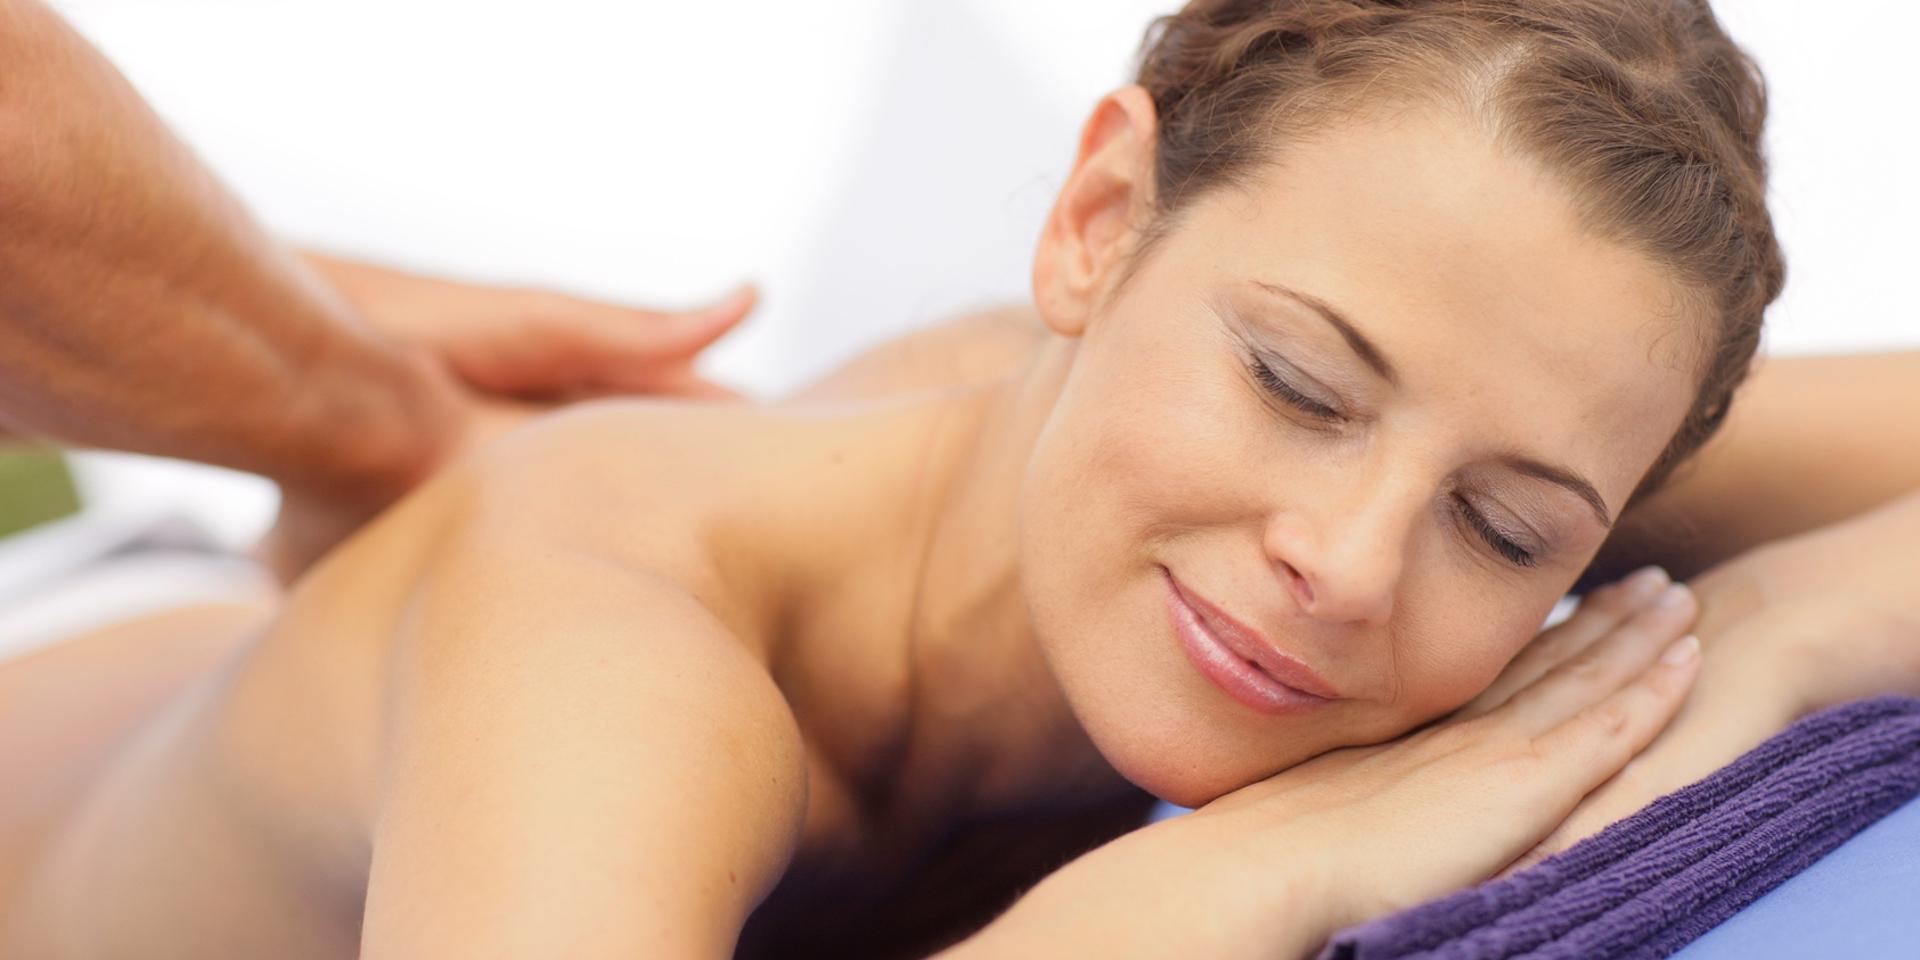 zwielicht berlin tantra massagen rosenheim